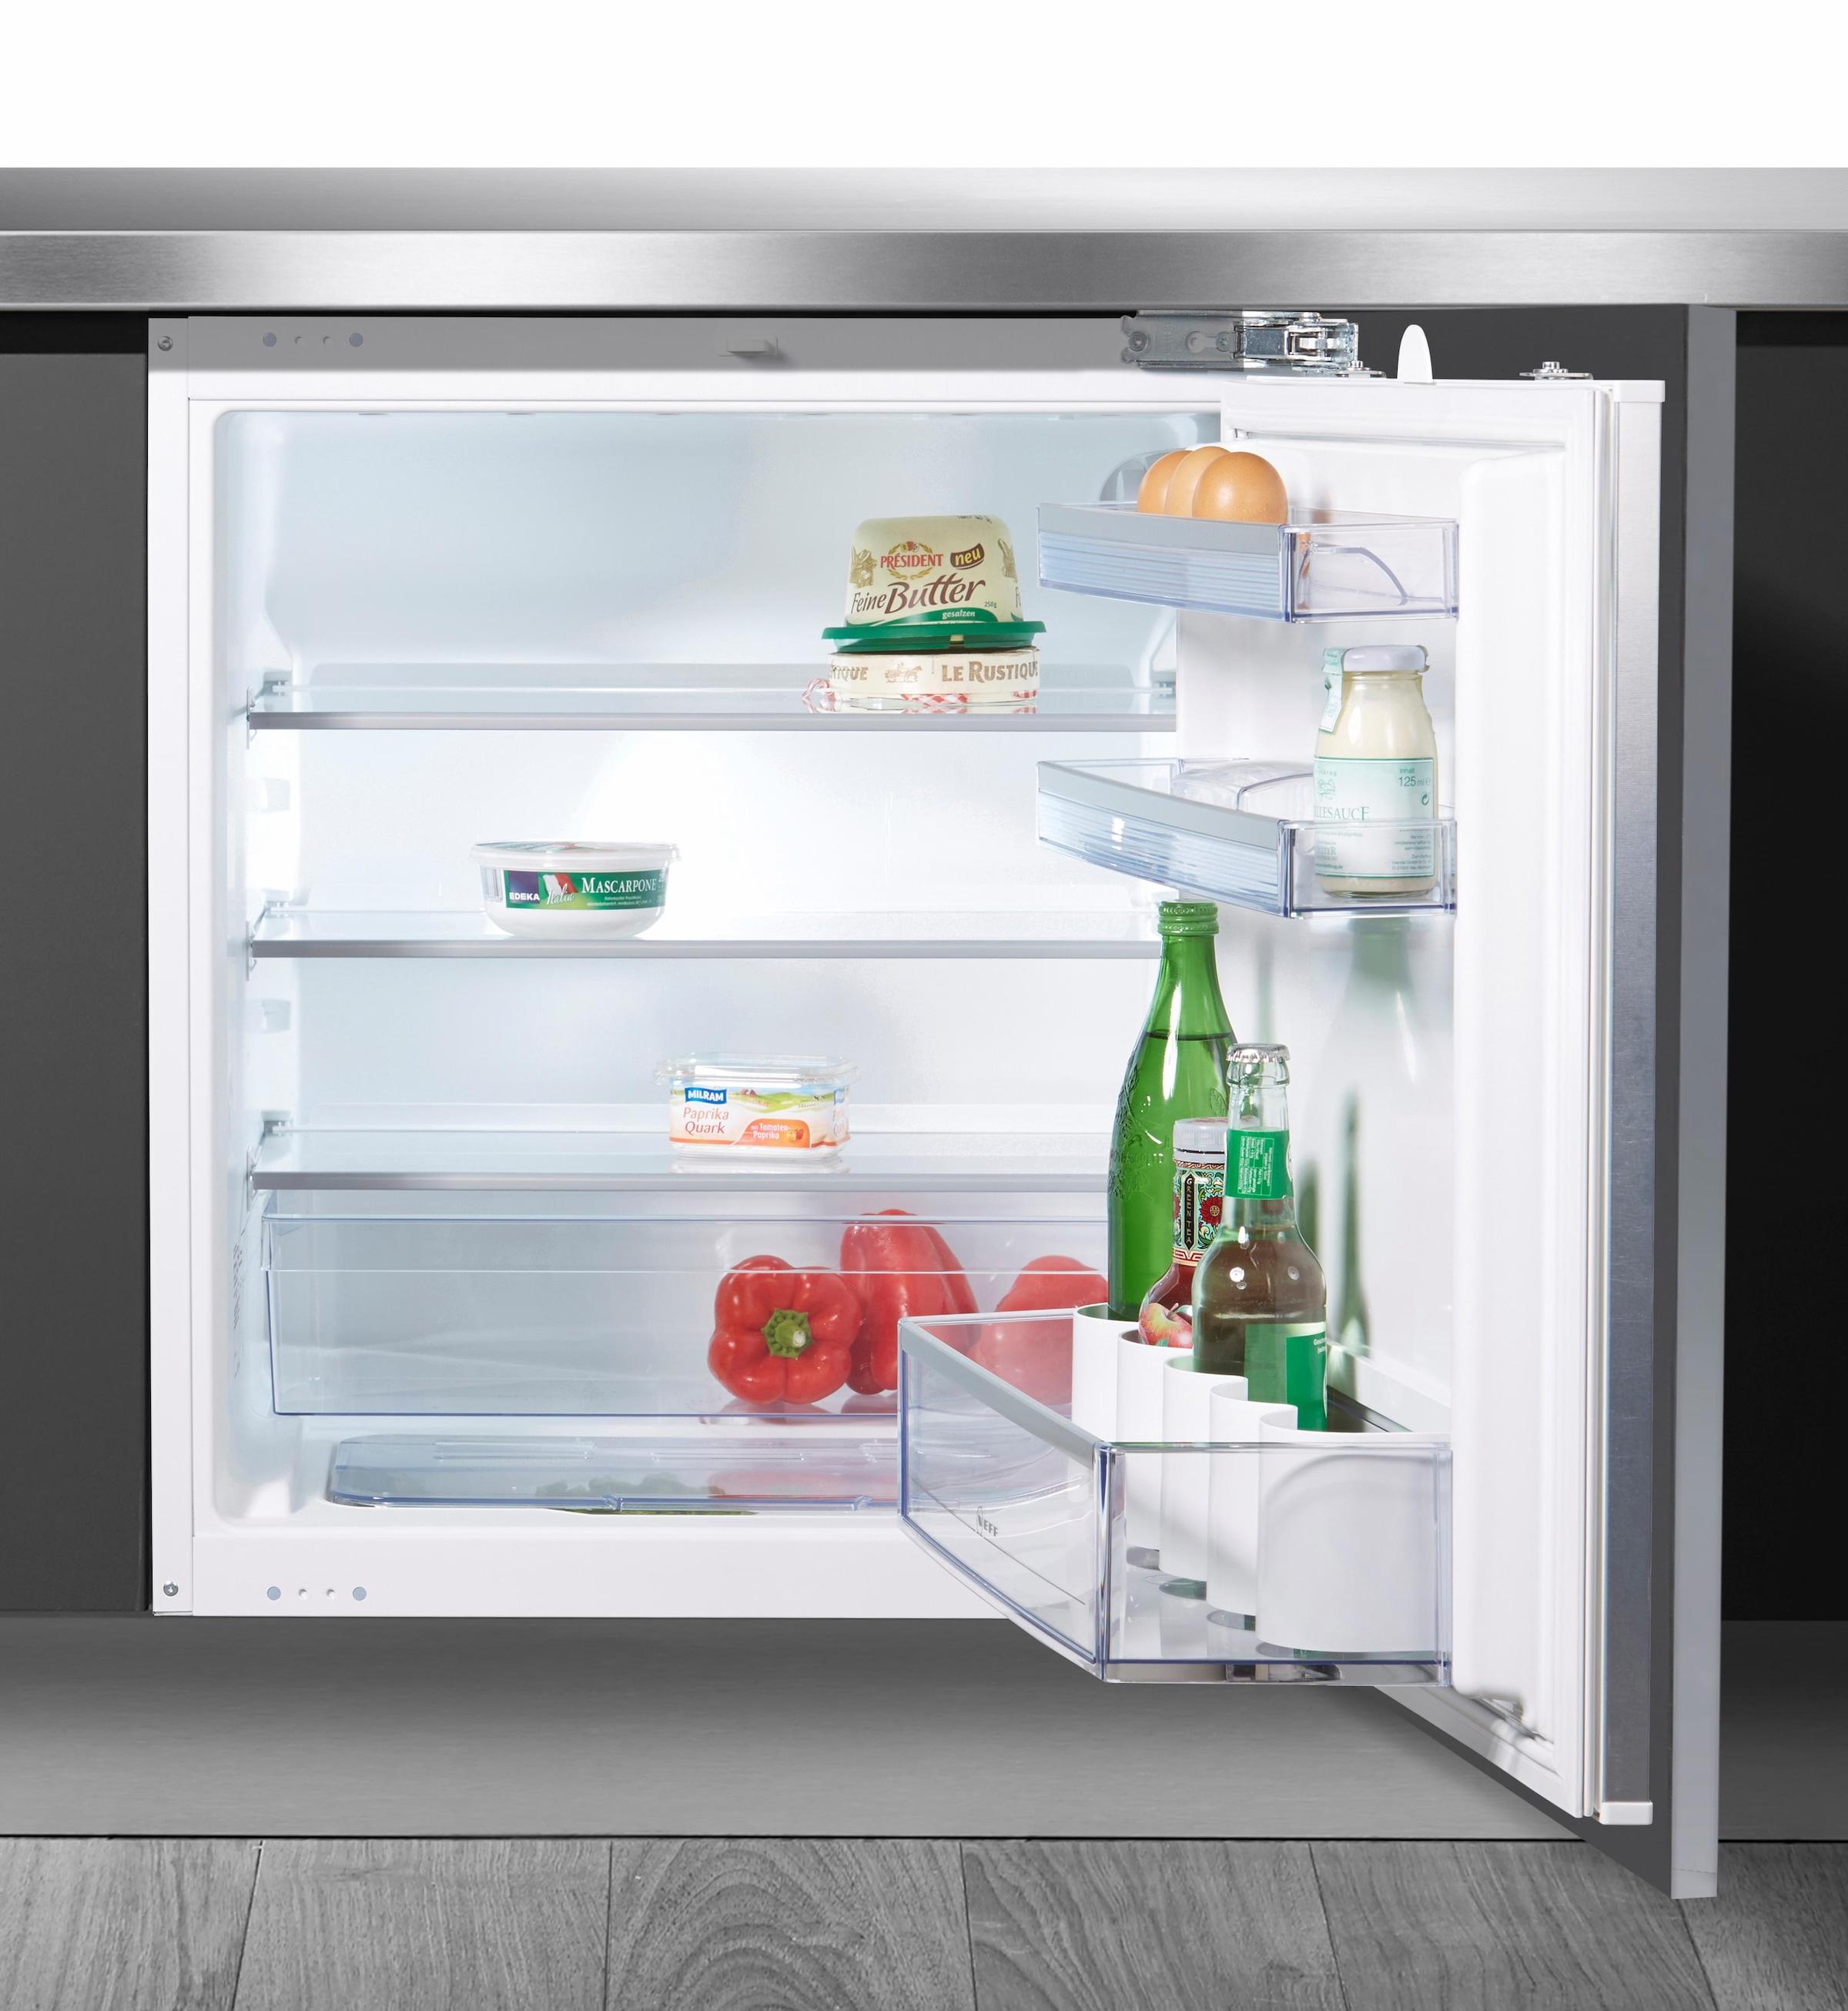 Aeg Unterbau Kühlschrank Ohne Gefrierfach : Einbaukühlschränke ohne gefrierfach auf rechnung raten kaufen baur